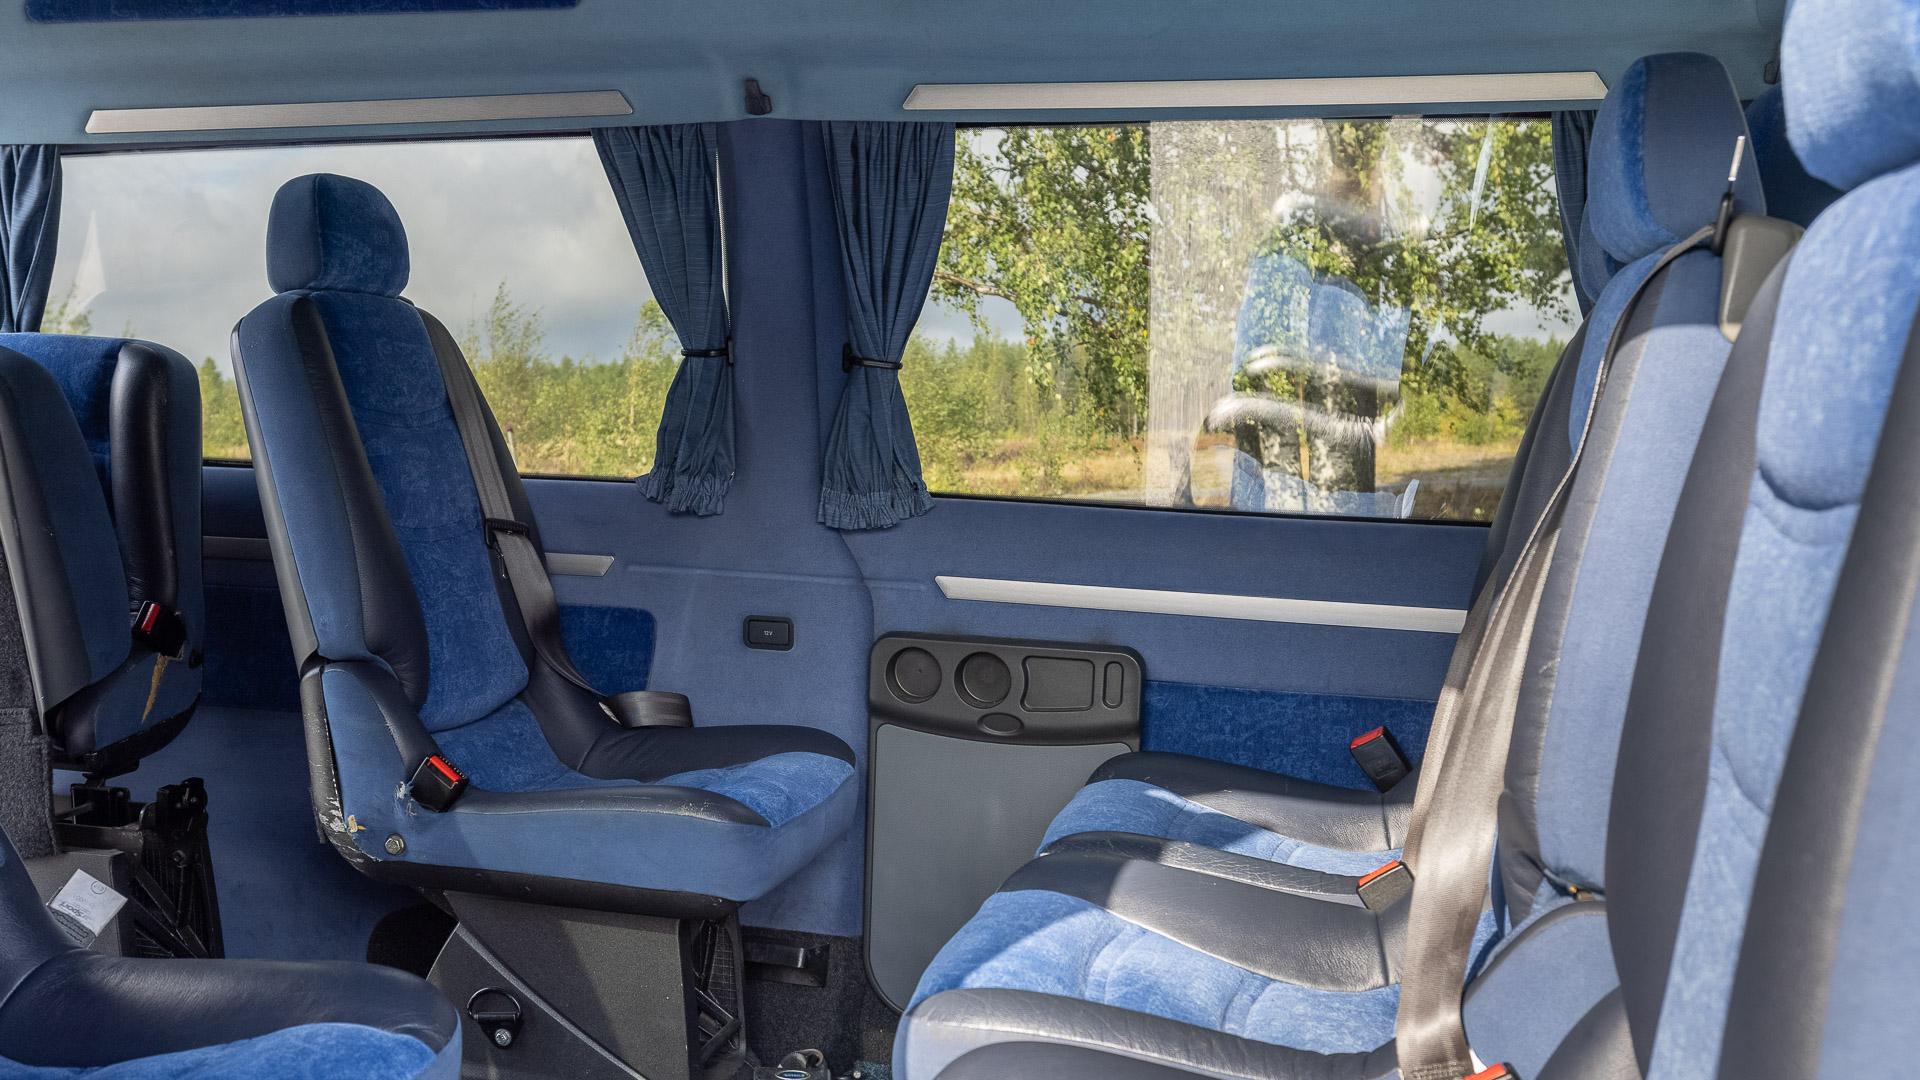 Taksi Kauko Kuusikko Jämijärvi 0400-414847